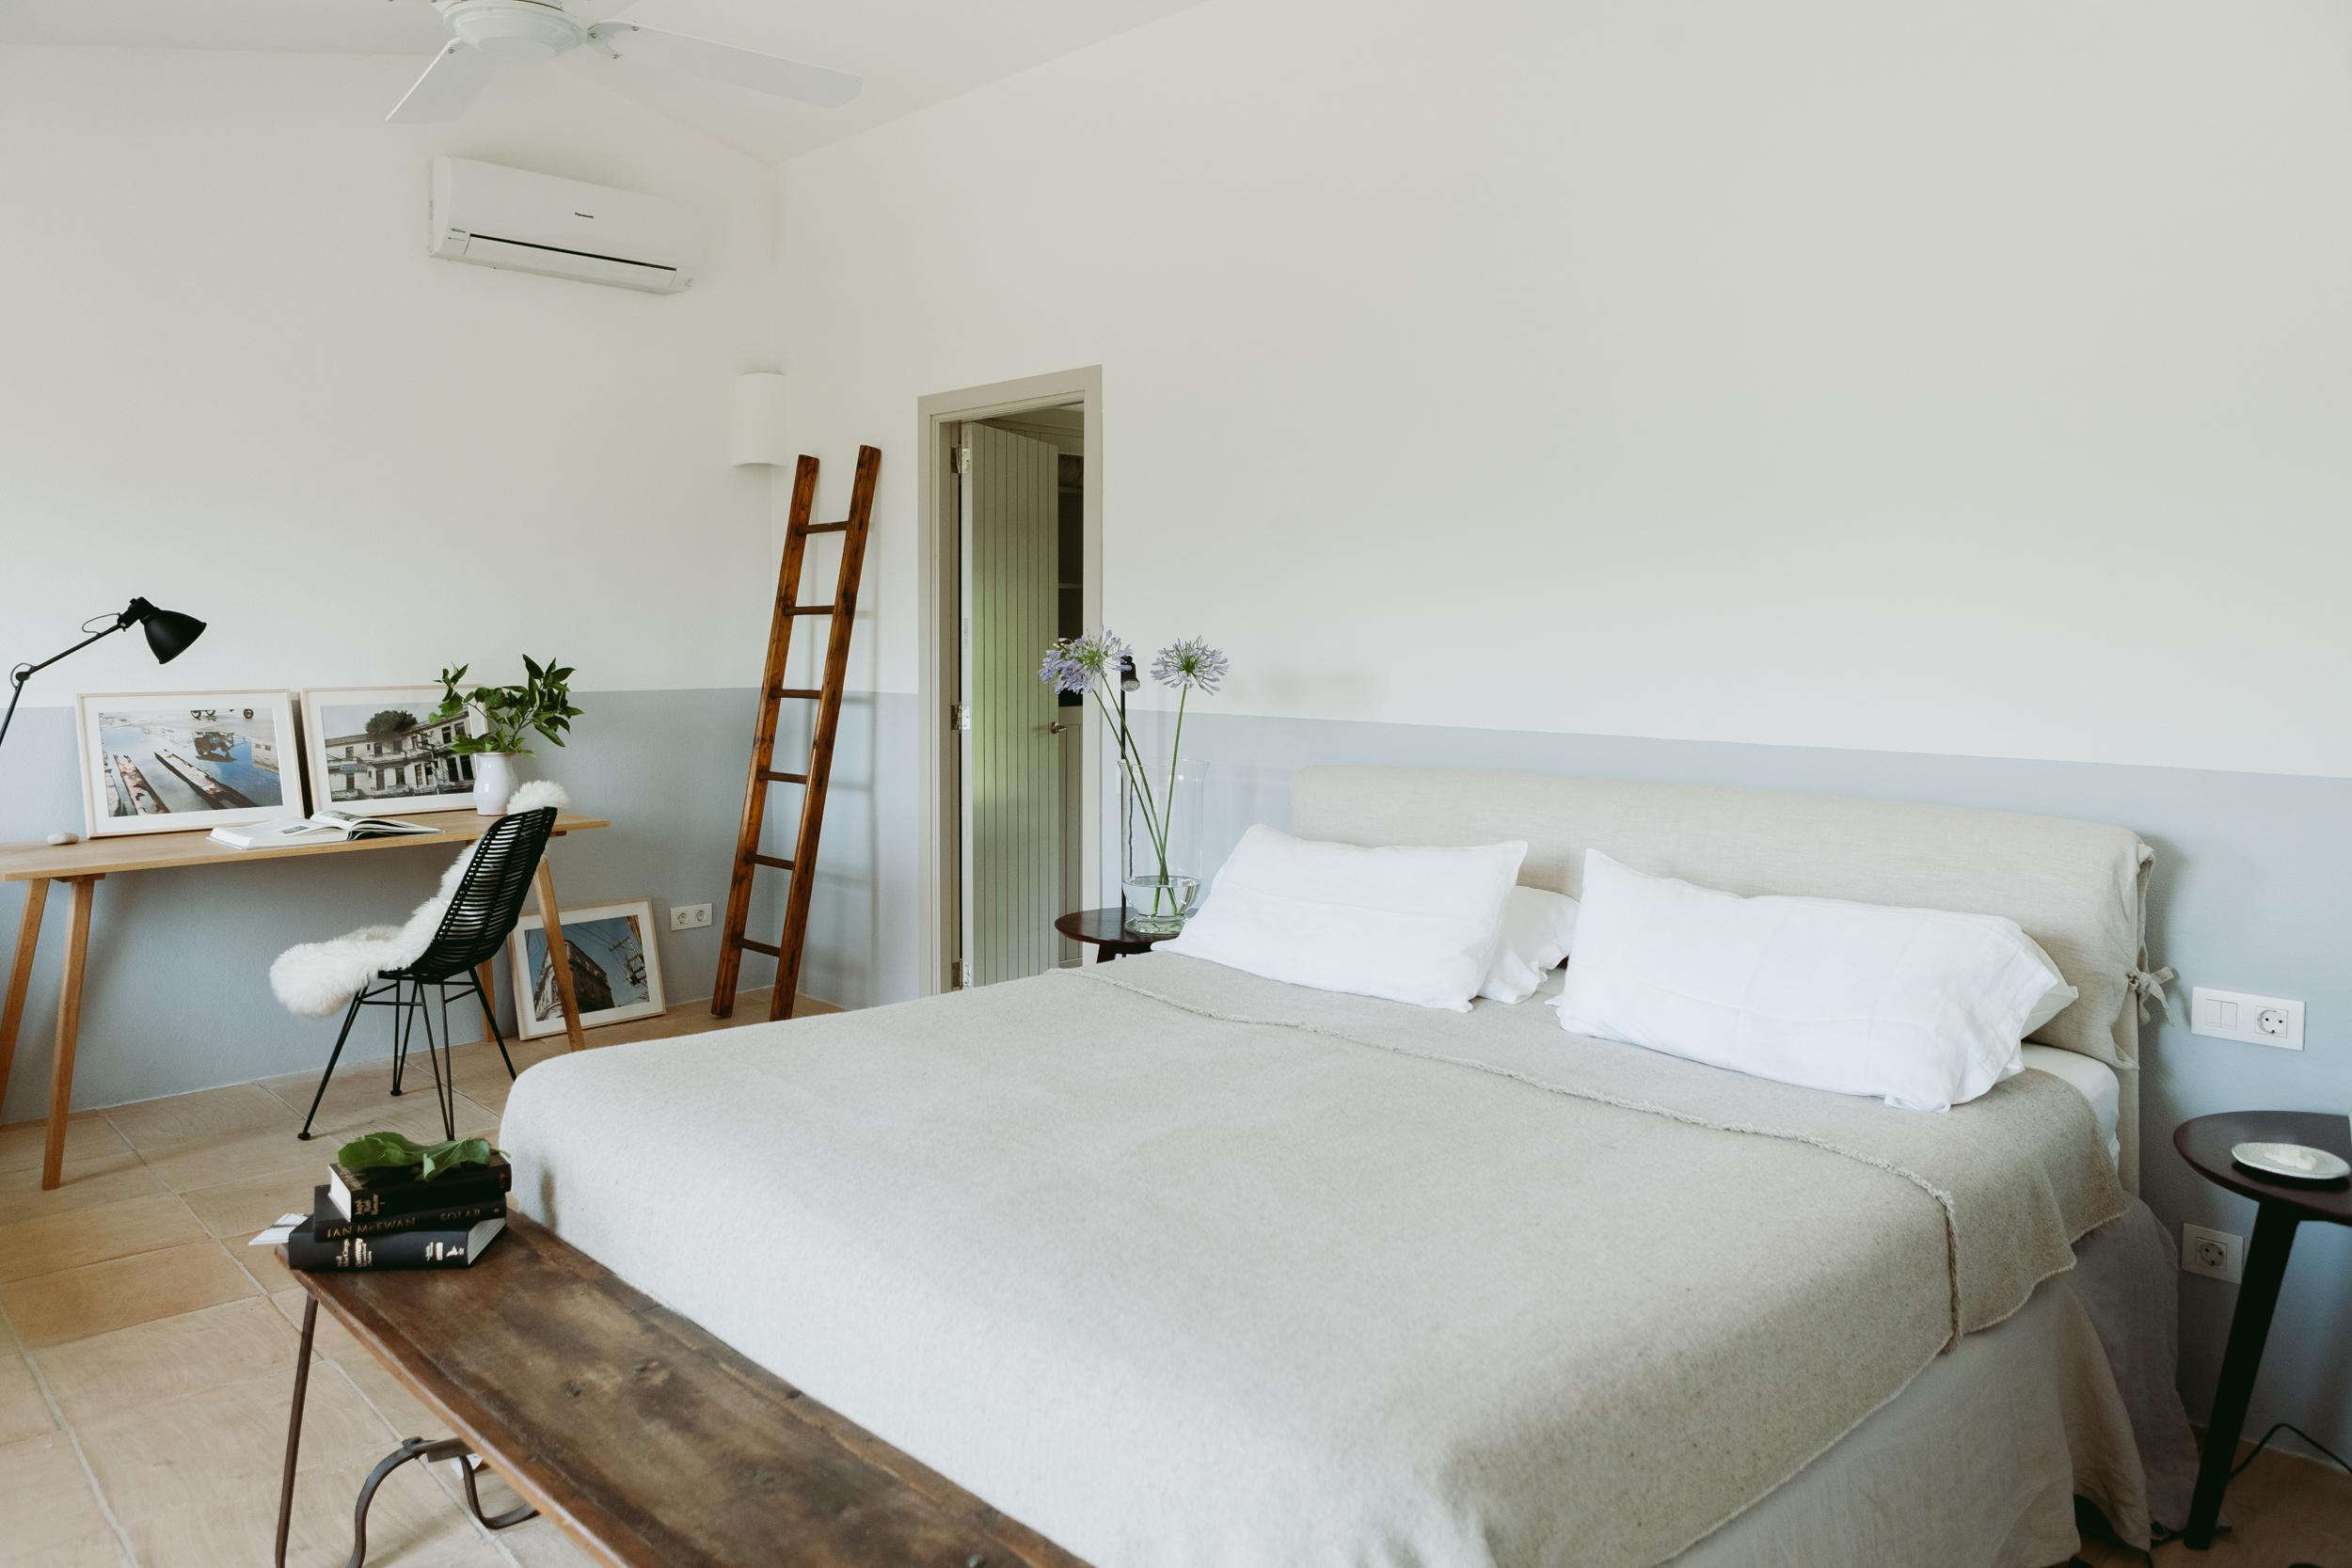 SCHLAFZIMMER 3 - Ein Zimmer mit Doppelbett (180 x 200 cm) en suite Badezimmer mit Dusche und Badewanne auf der obersten Ebene.